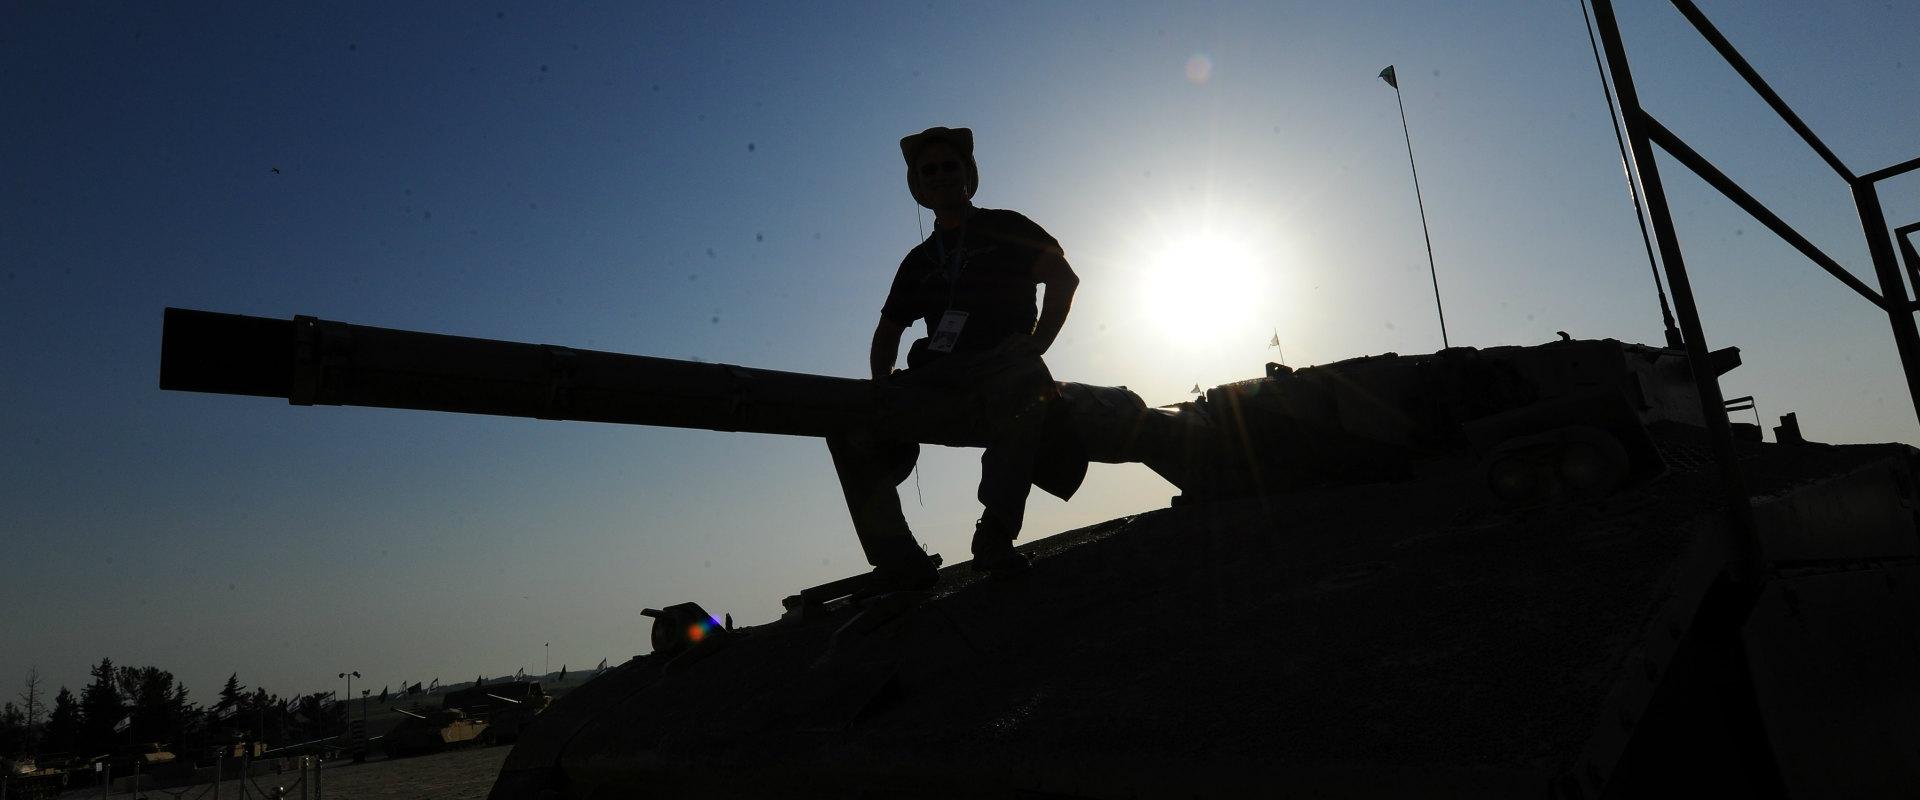 חייל על טנק